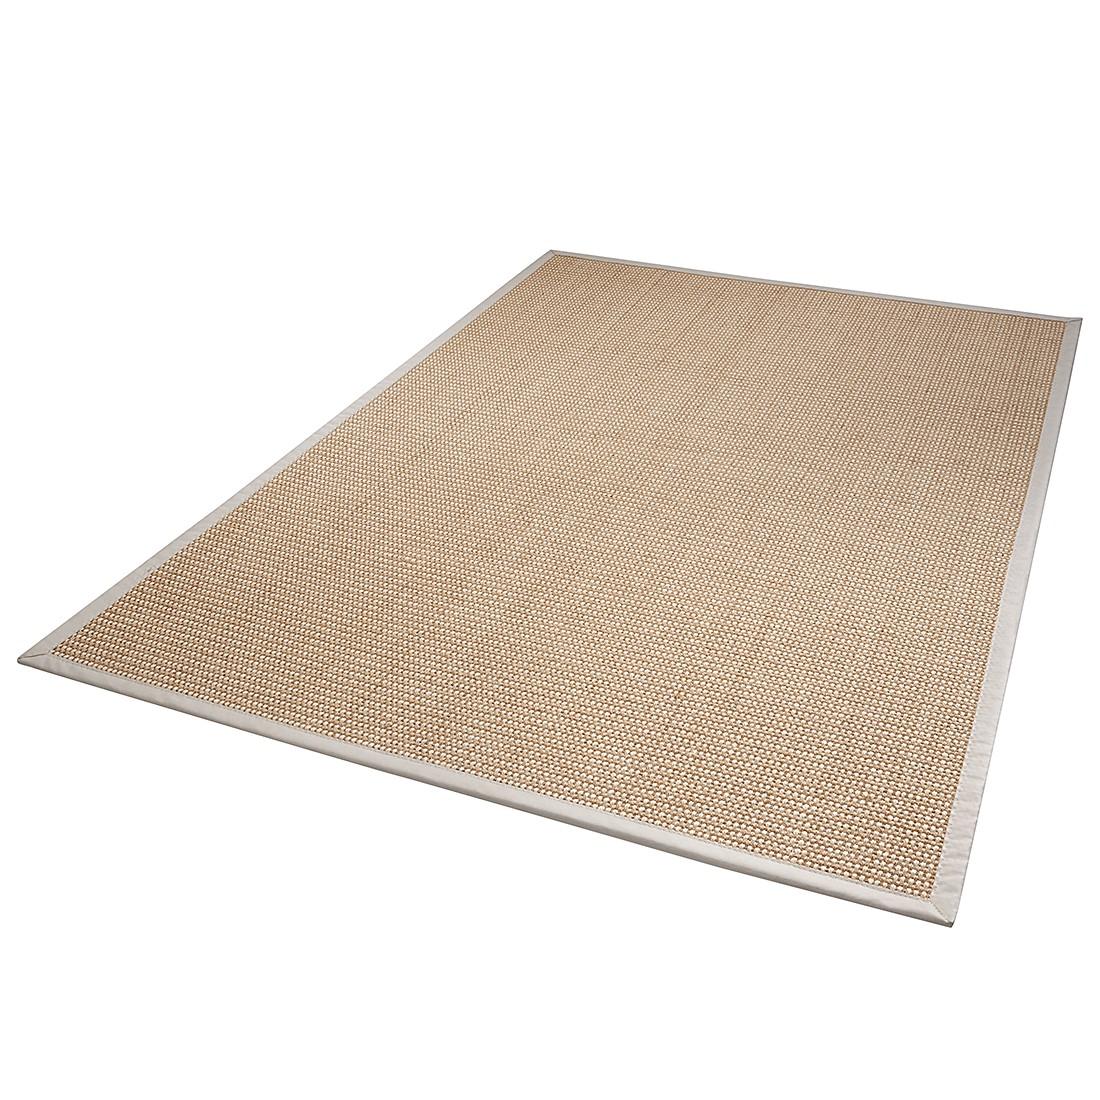 Teppich Medina – Creme – 67 x 133 cm, DEKOWE günstig